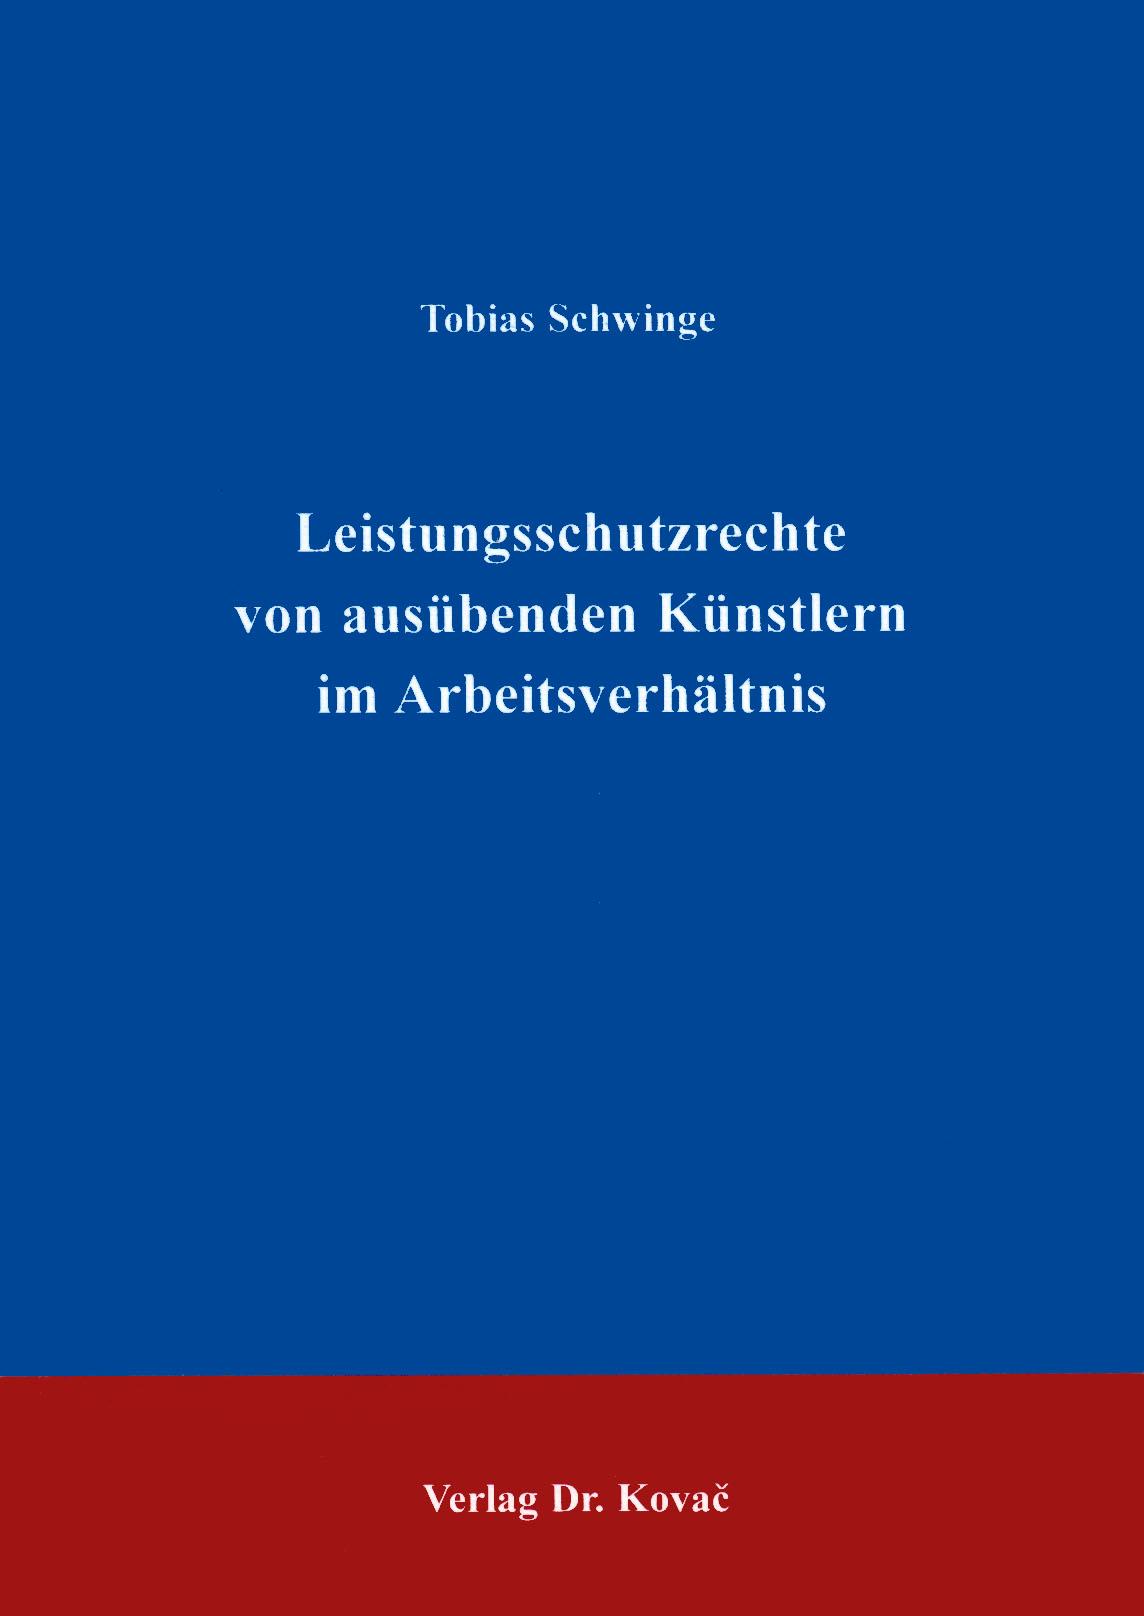 Cover: Leistungsschutzrechte von ausübenden Künstlern im Arbeitsverhältnis